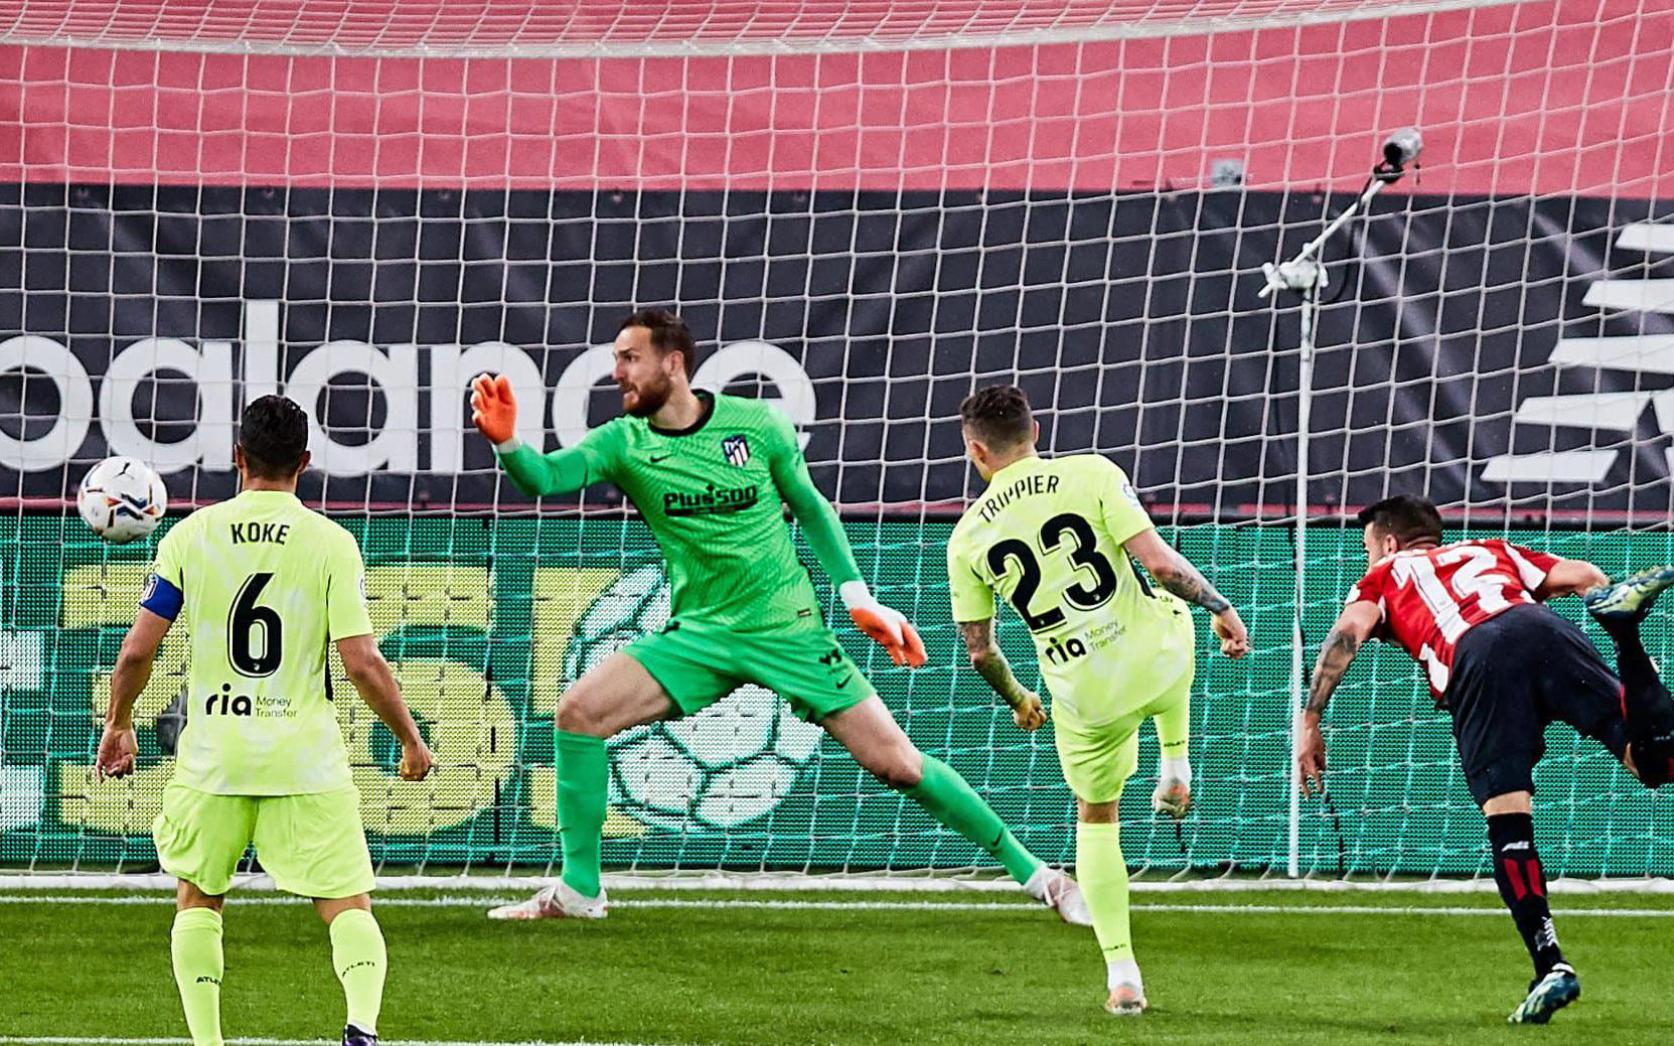 Ath.Bilbao 2-1 Atl.Madrid: Trao cờ cho Barcelona